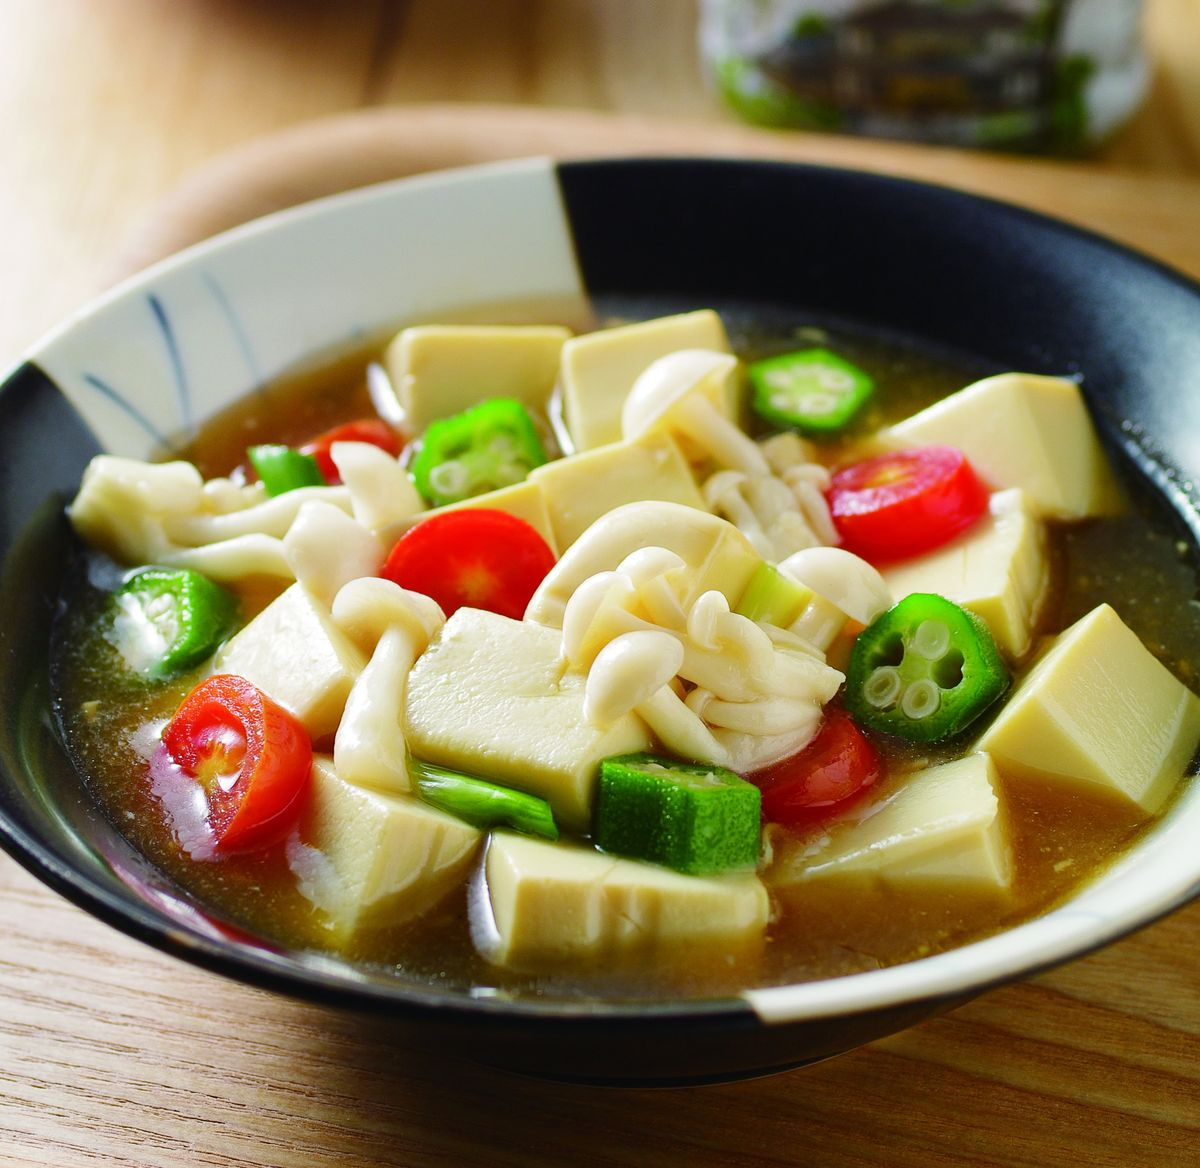 食譜:雪白菇燴蛋豆腐(1)